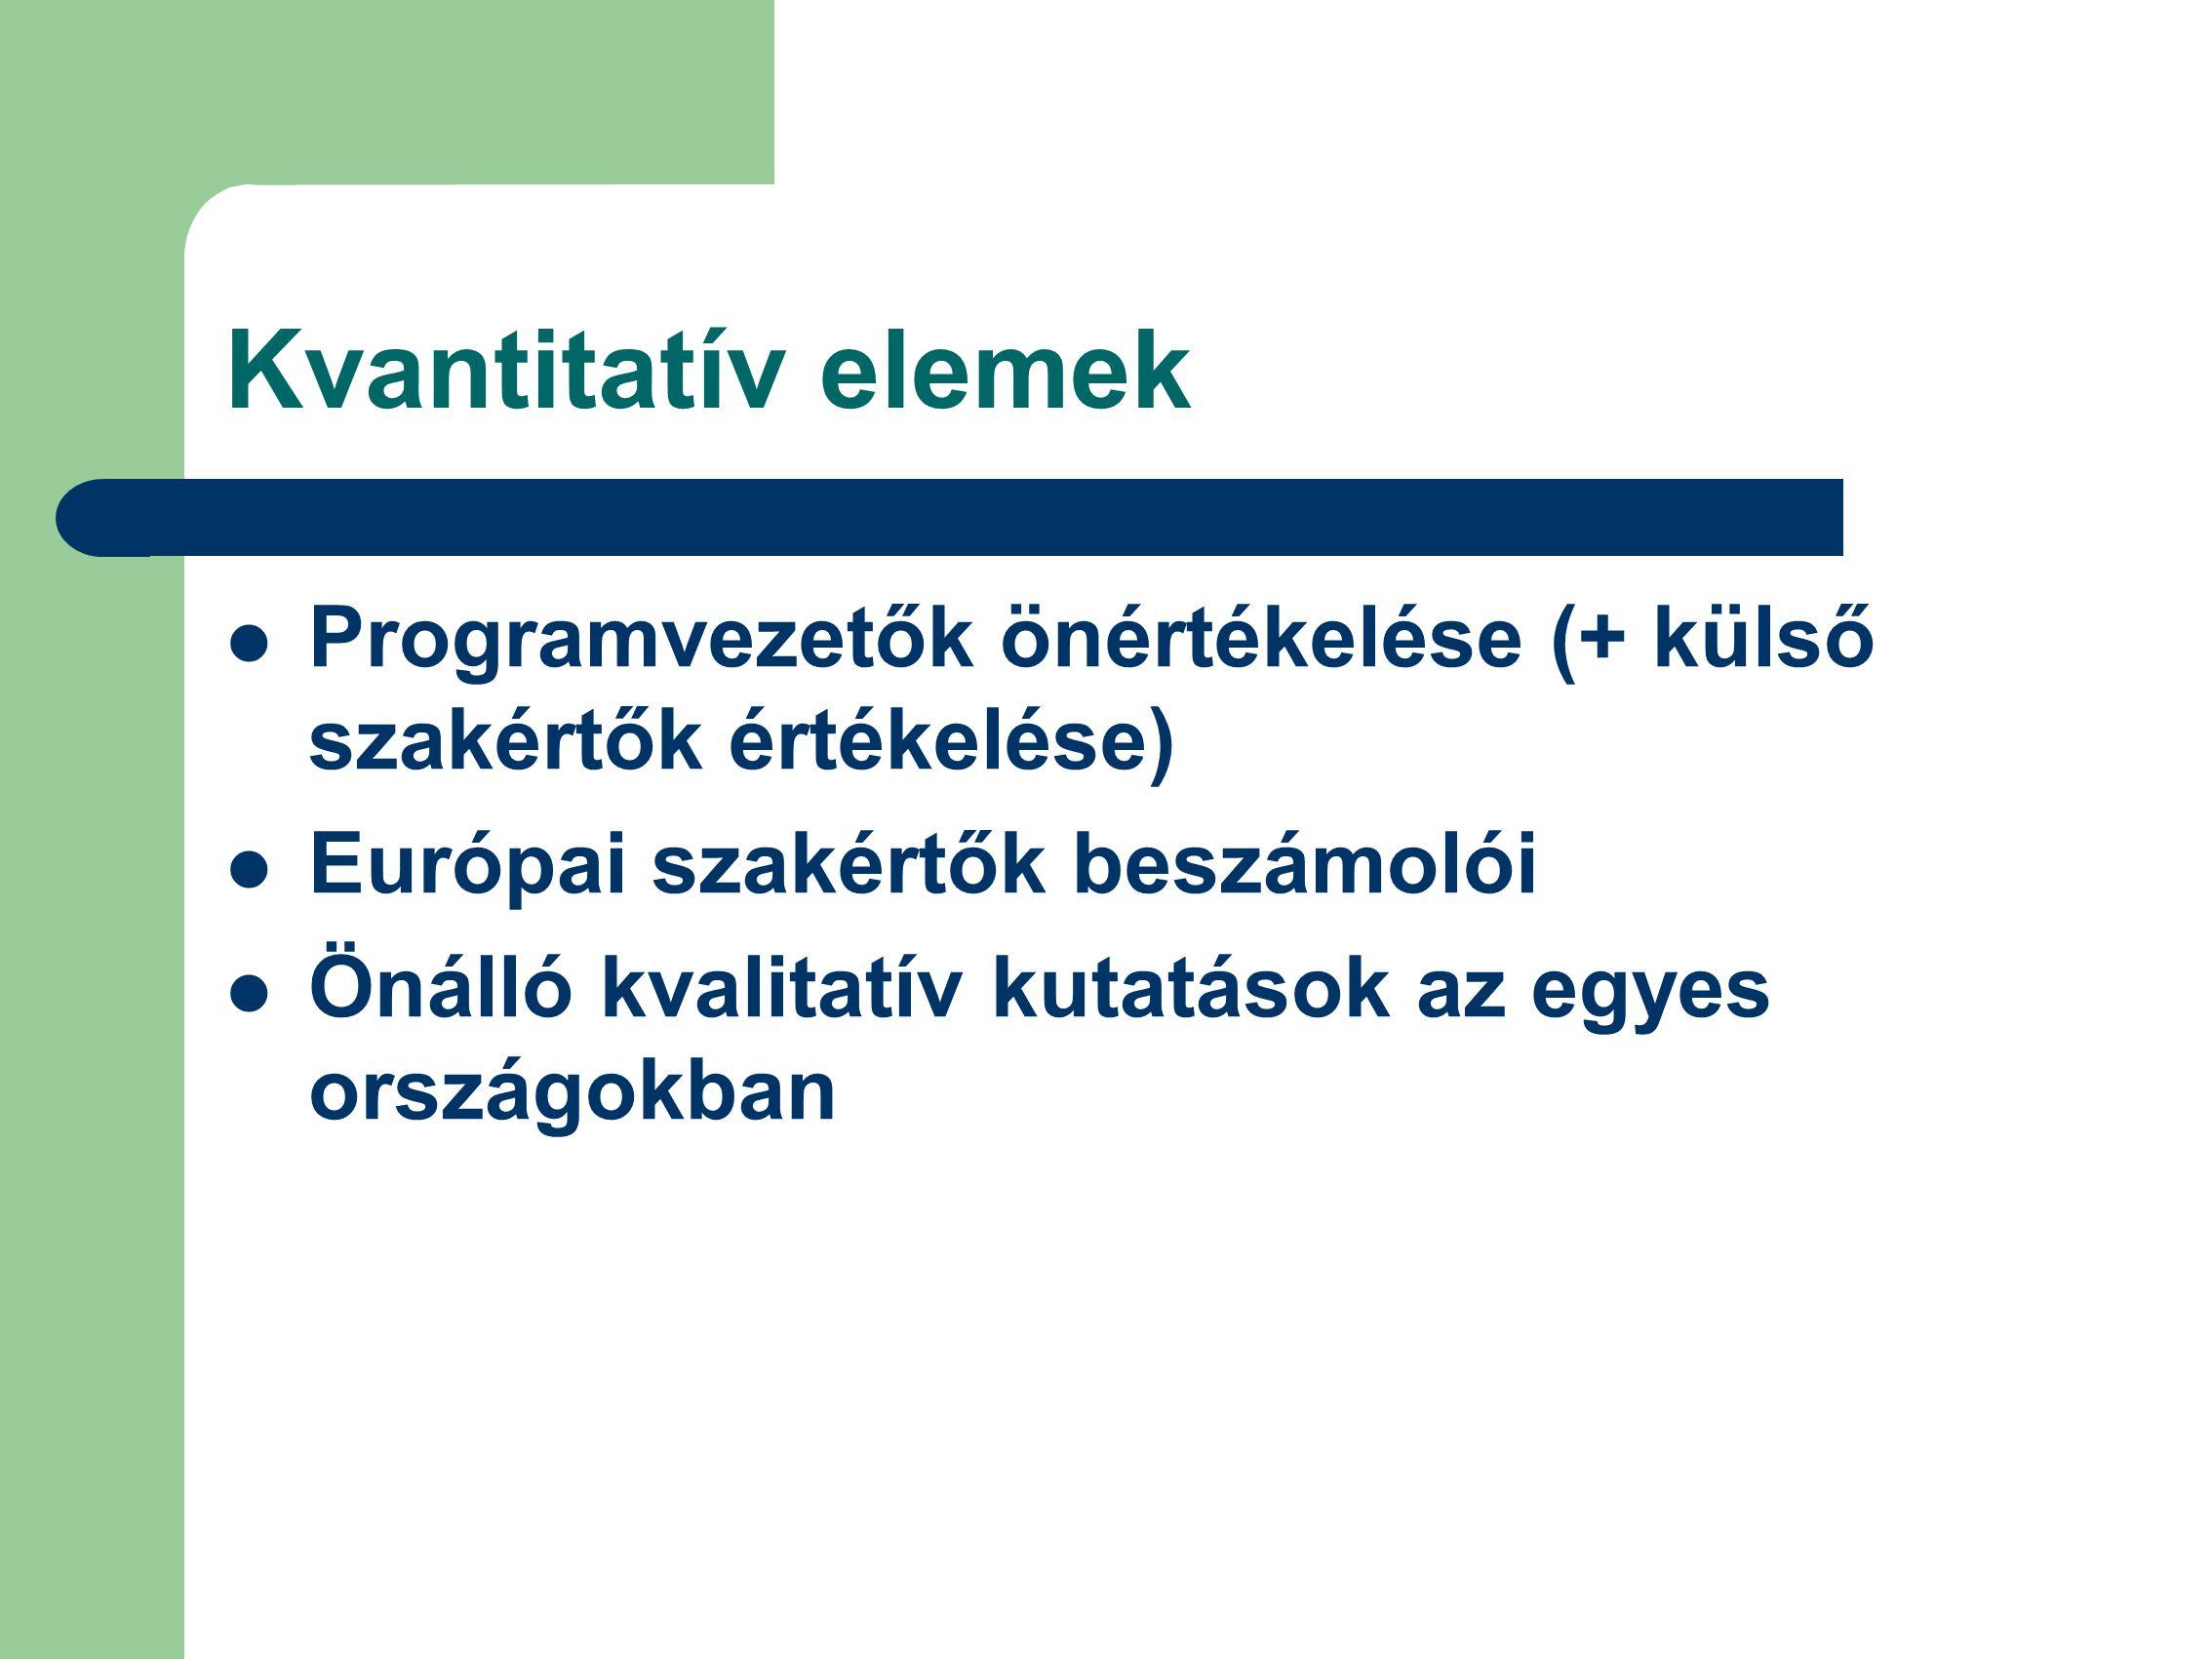 Kvantitatív elemek Programvezetők önértékelése (+ külső szakértők értékelése) Európai szakértők beszámolói Önálló kvalitatív kutatások az egyes országokban